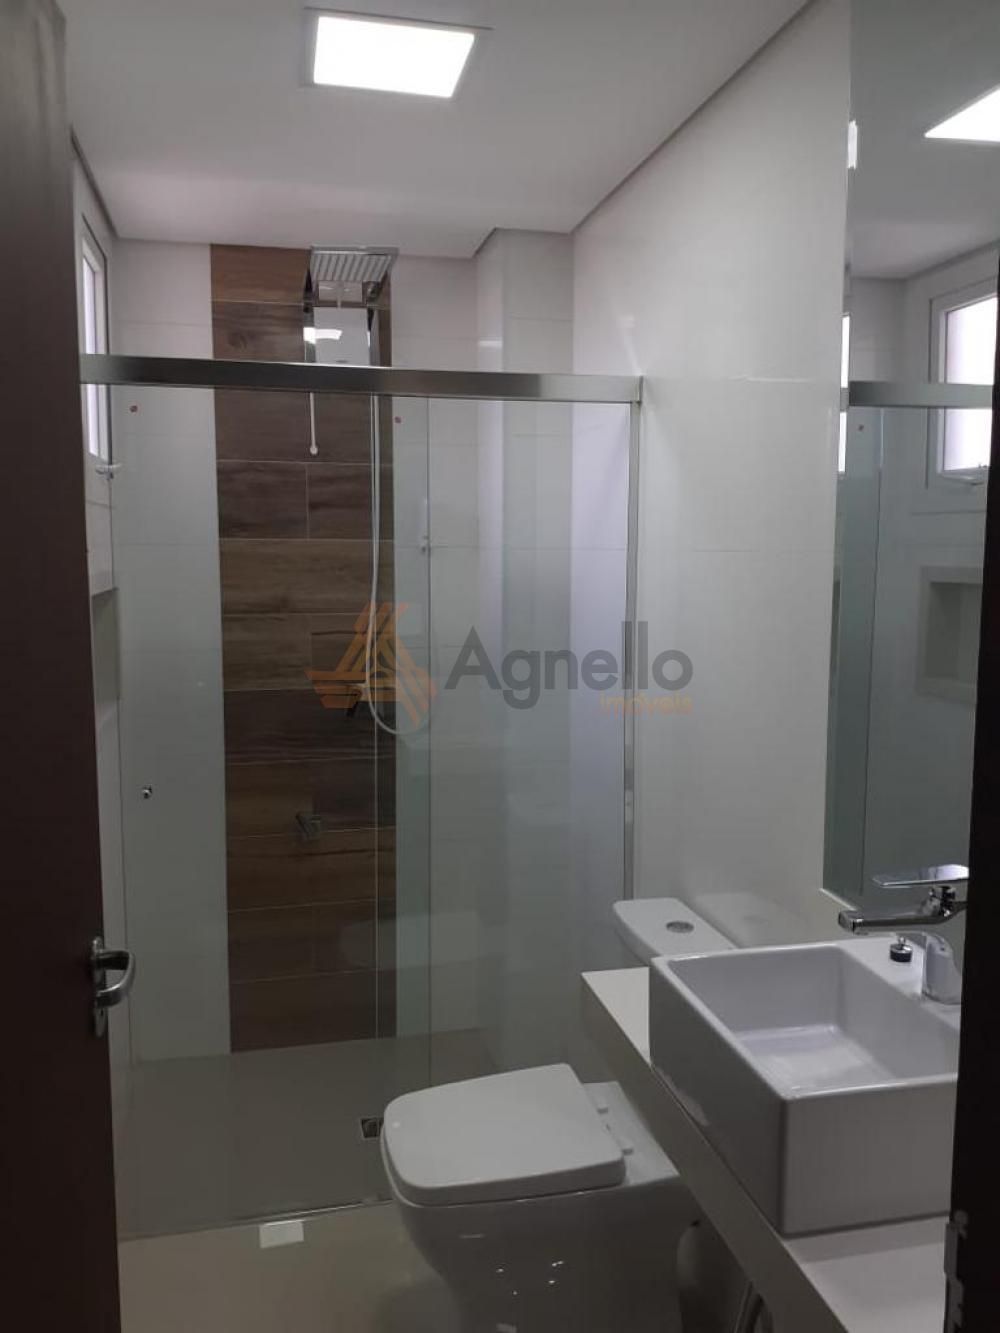 Comprar Apartamento / Padrão em Franca R$ 780.000,00 - Foto 14